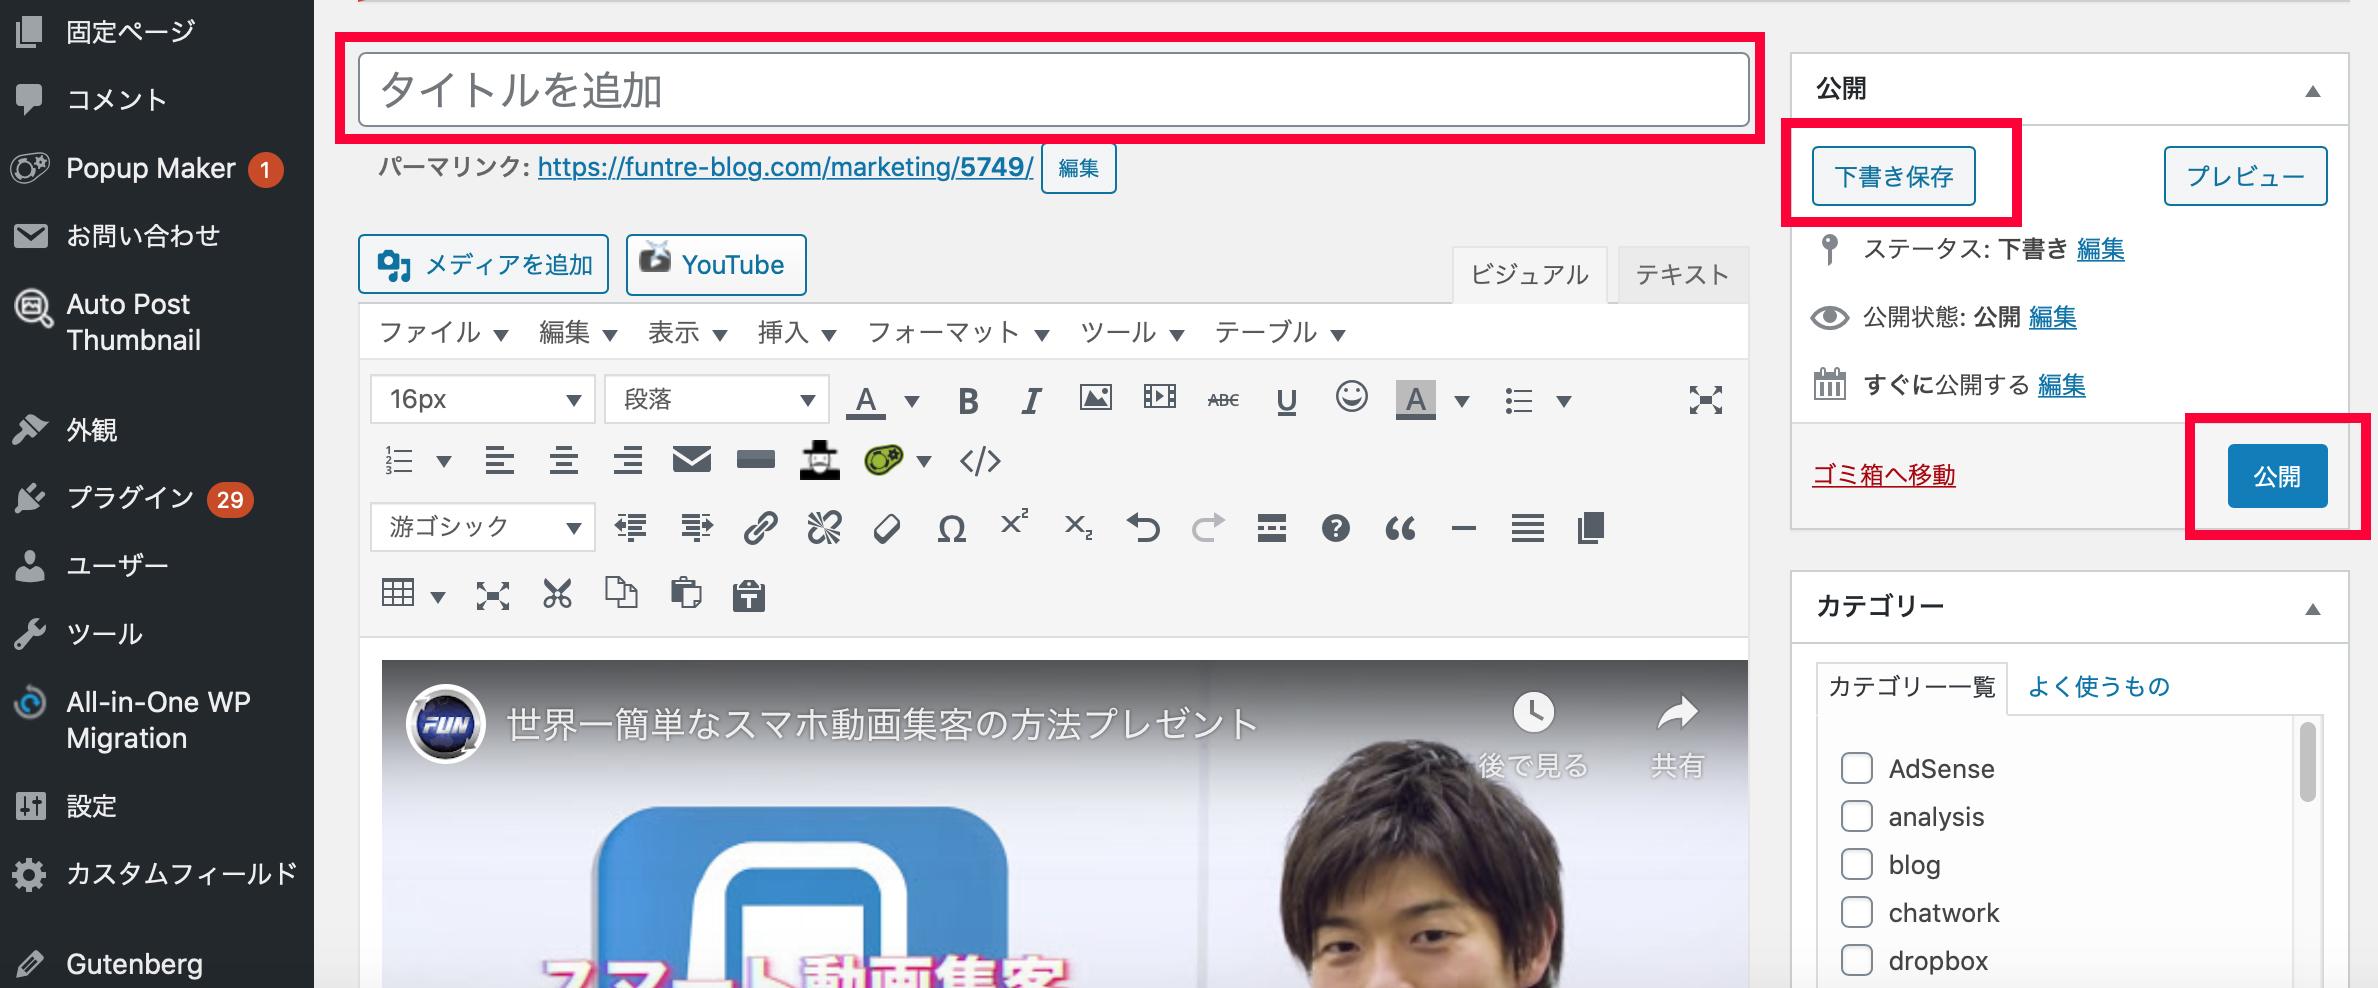 会員制サイトの動画